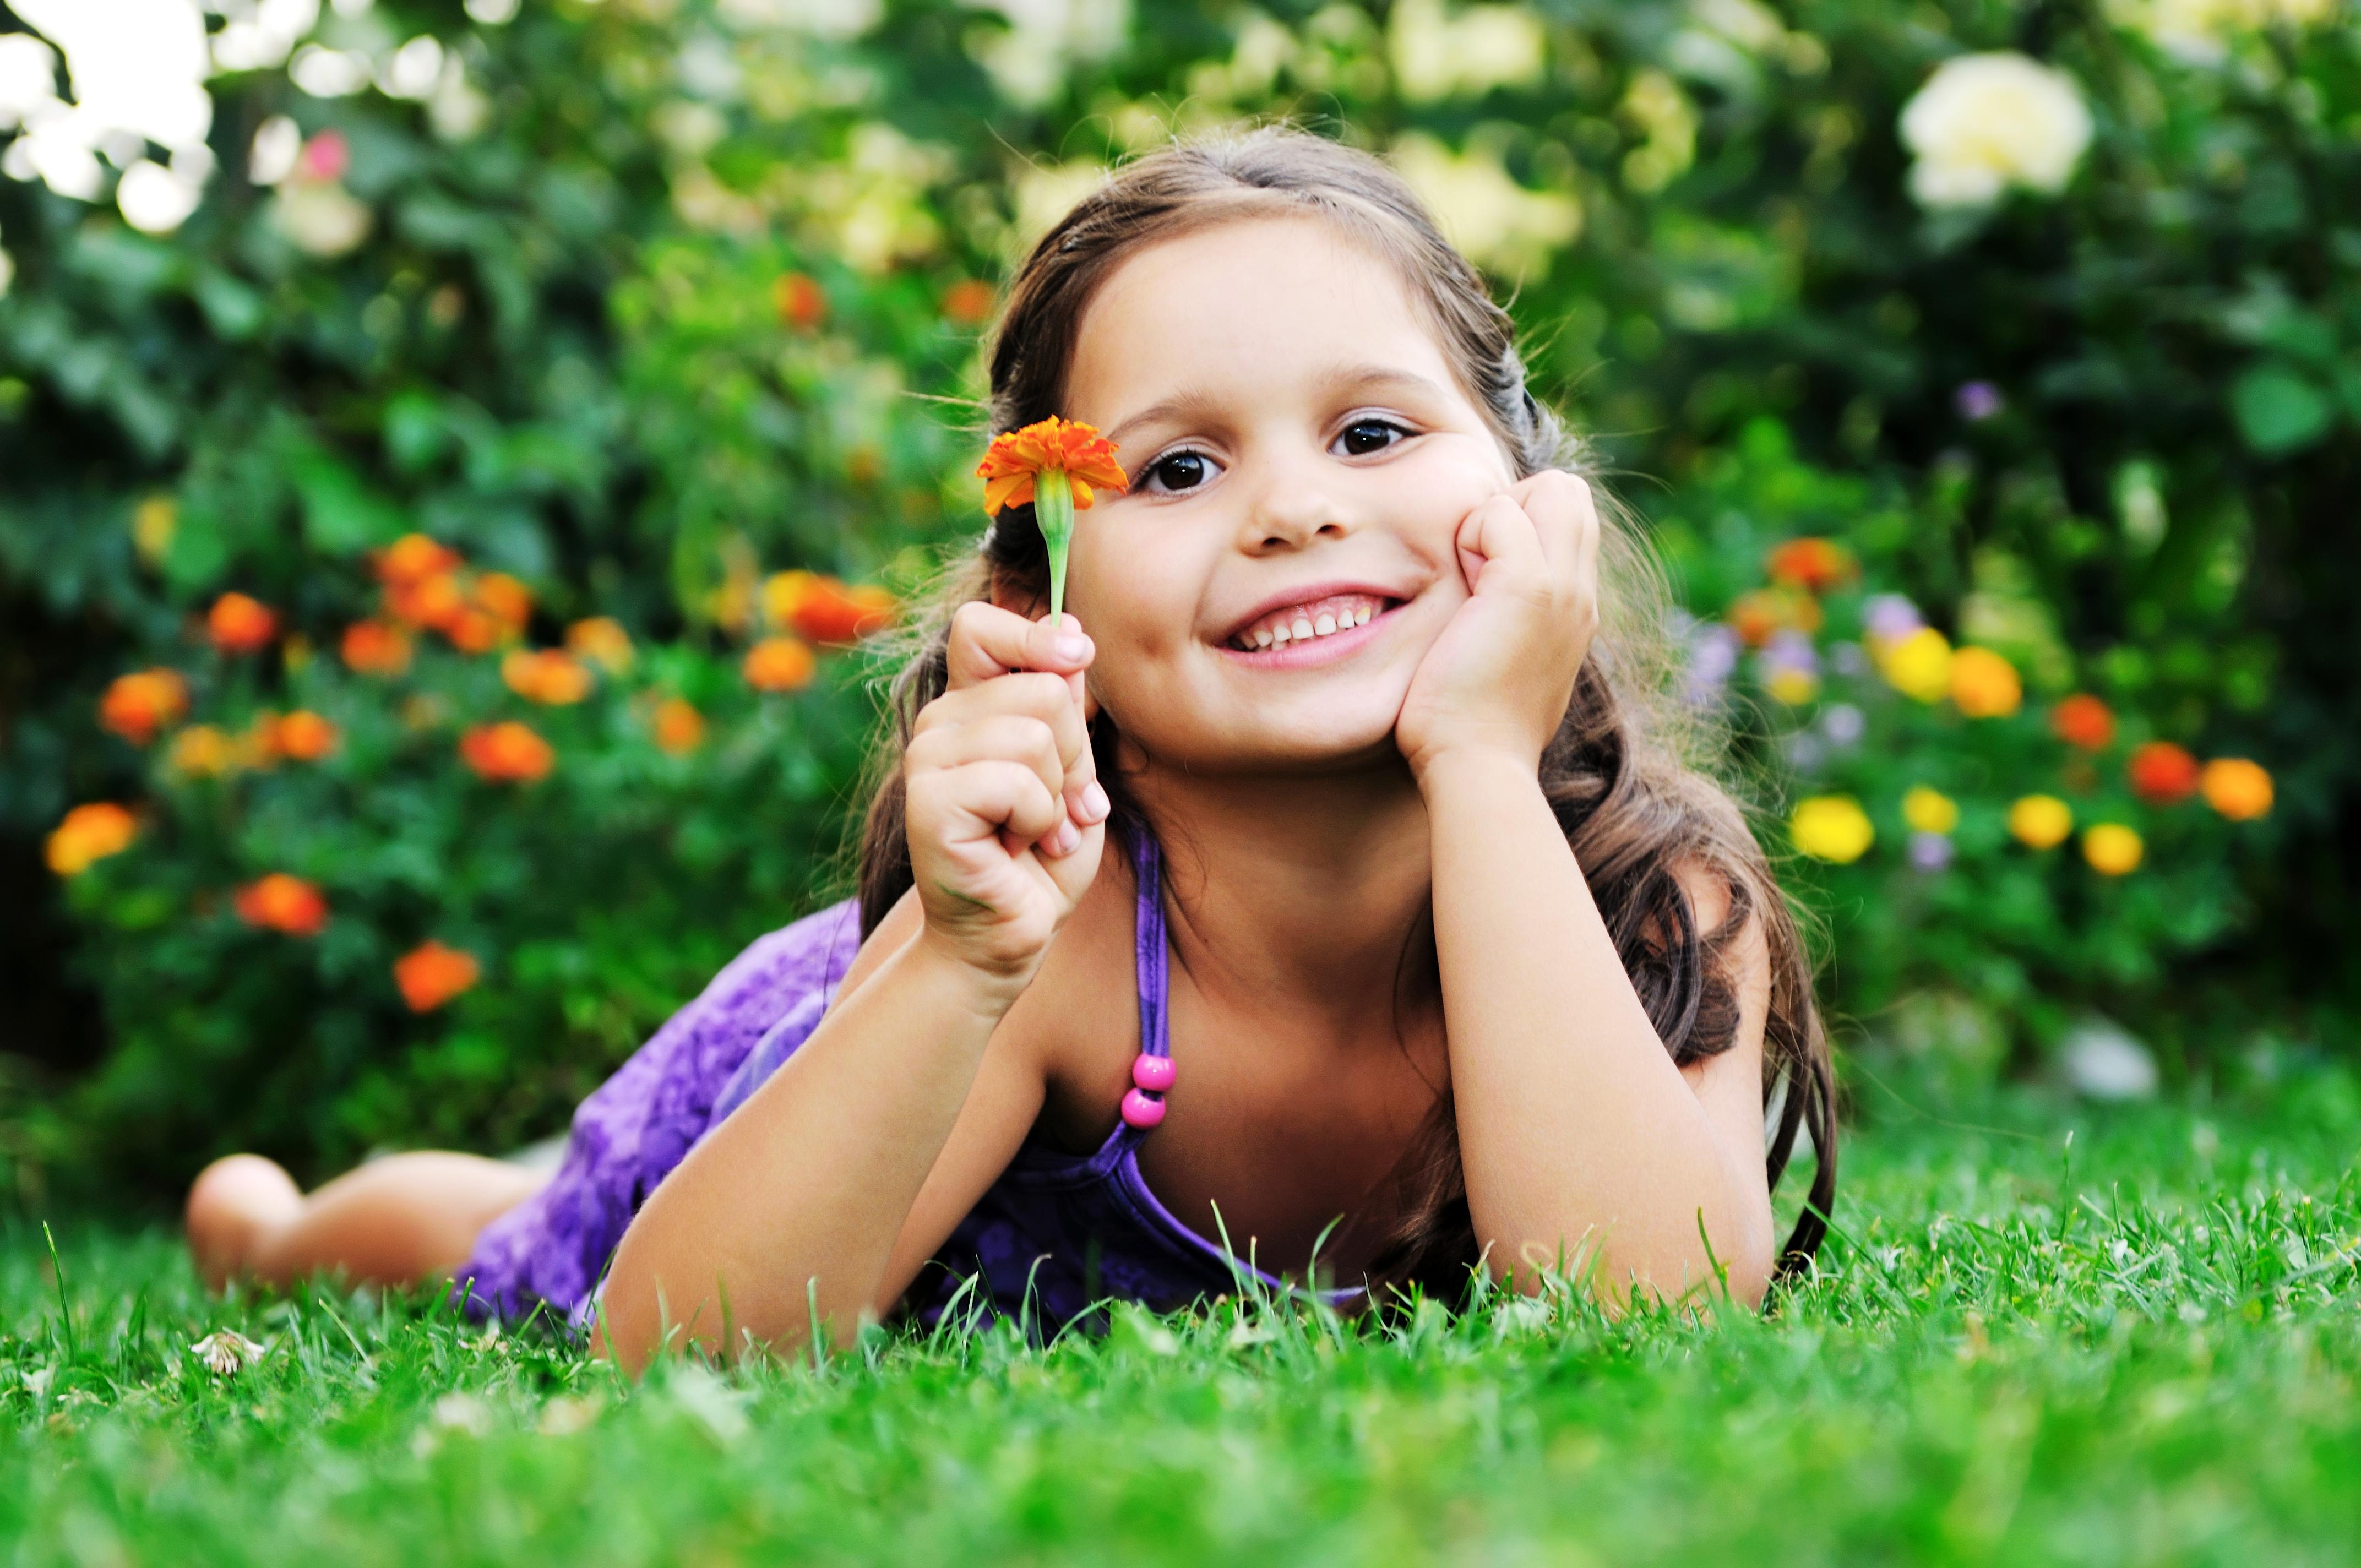 Девочка у гинеколога смотреть онлайн 27 фотография